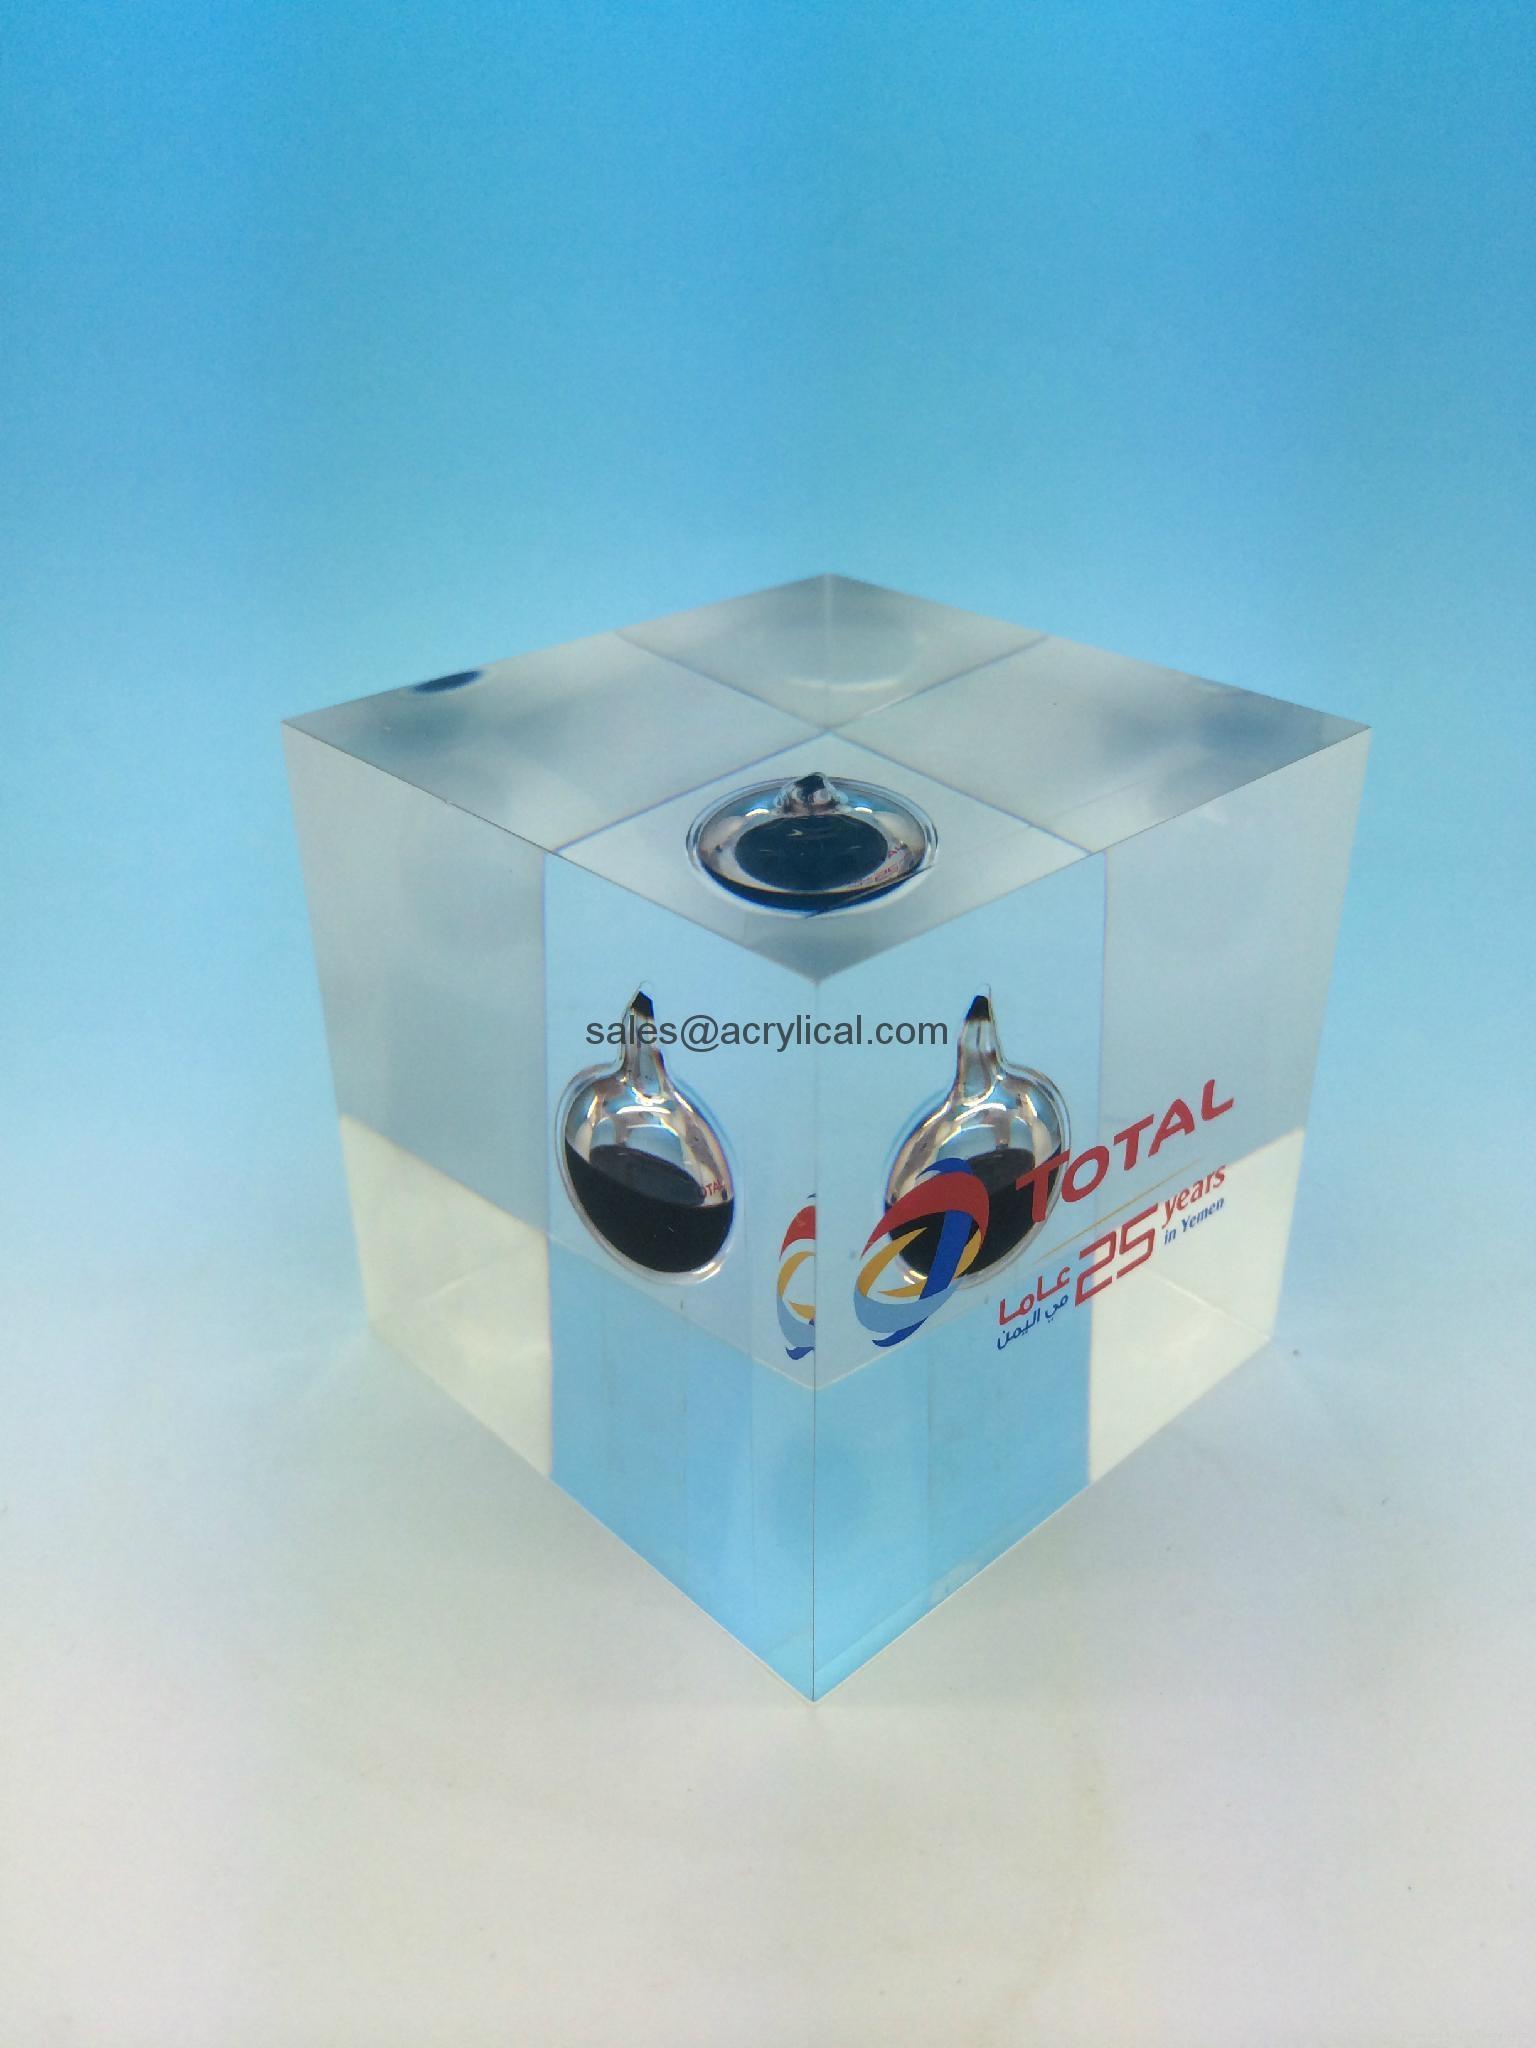 水晶膠,工藝品,禮品,樹脂廣告促銷品,紙鎮